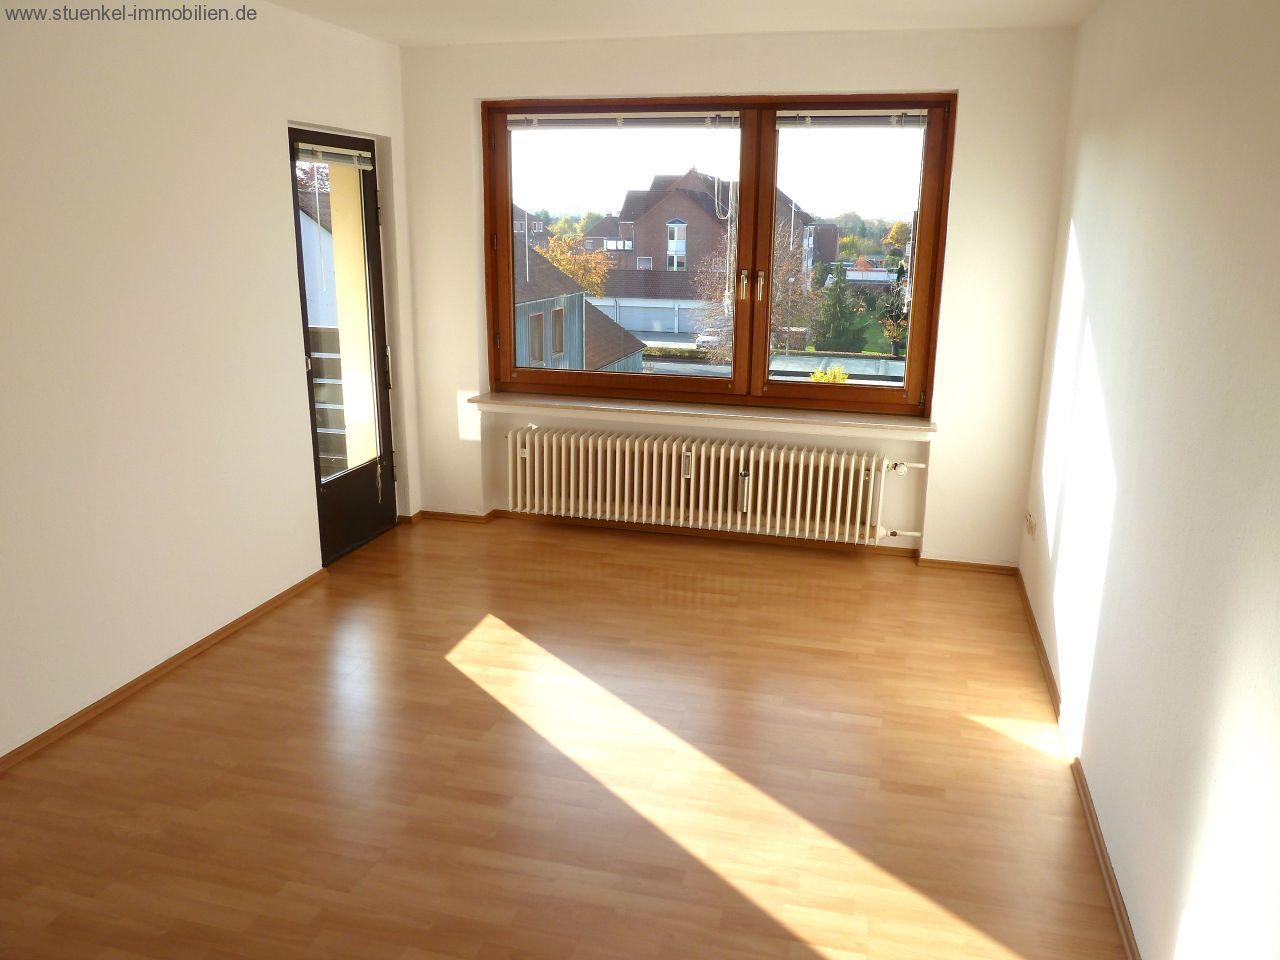 Vermittelte objekte neustadt gepflegte frisch for Wohnzimmer neustadt